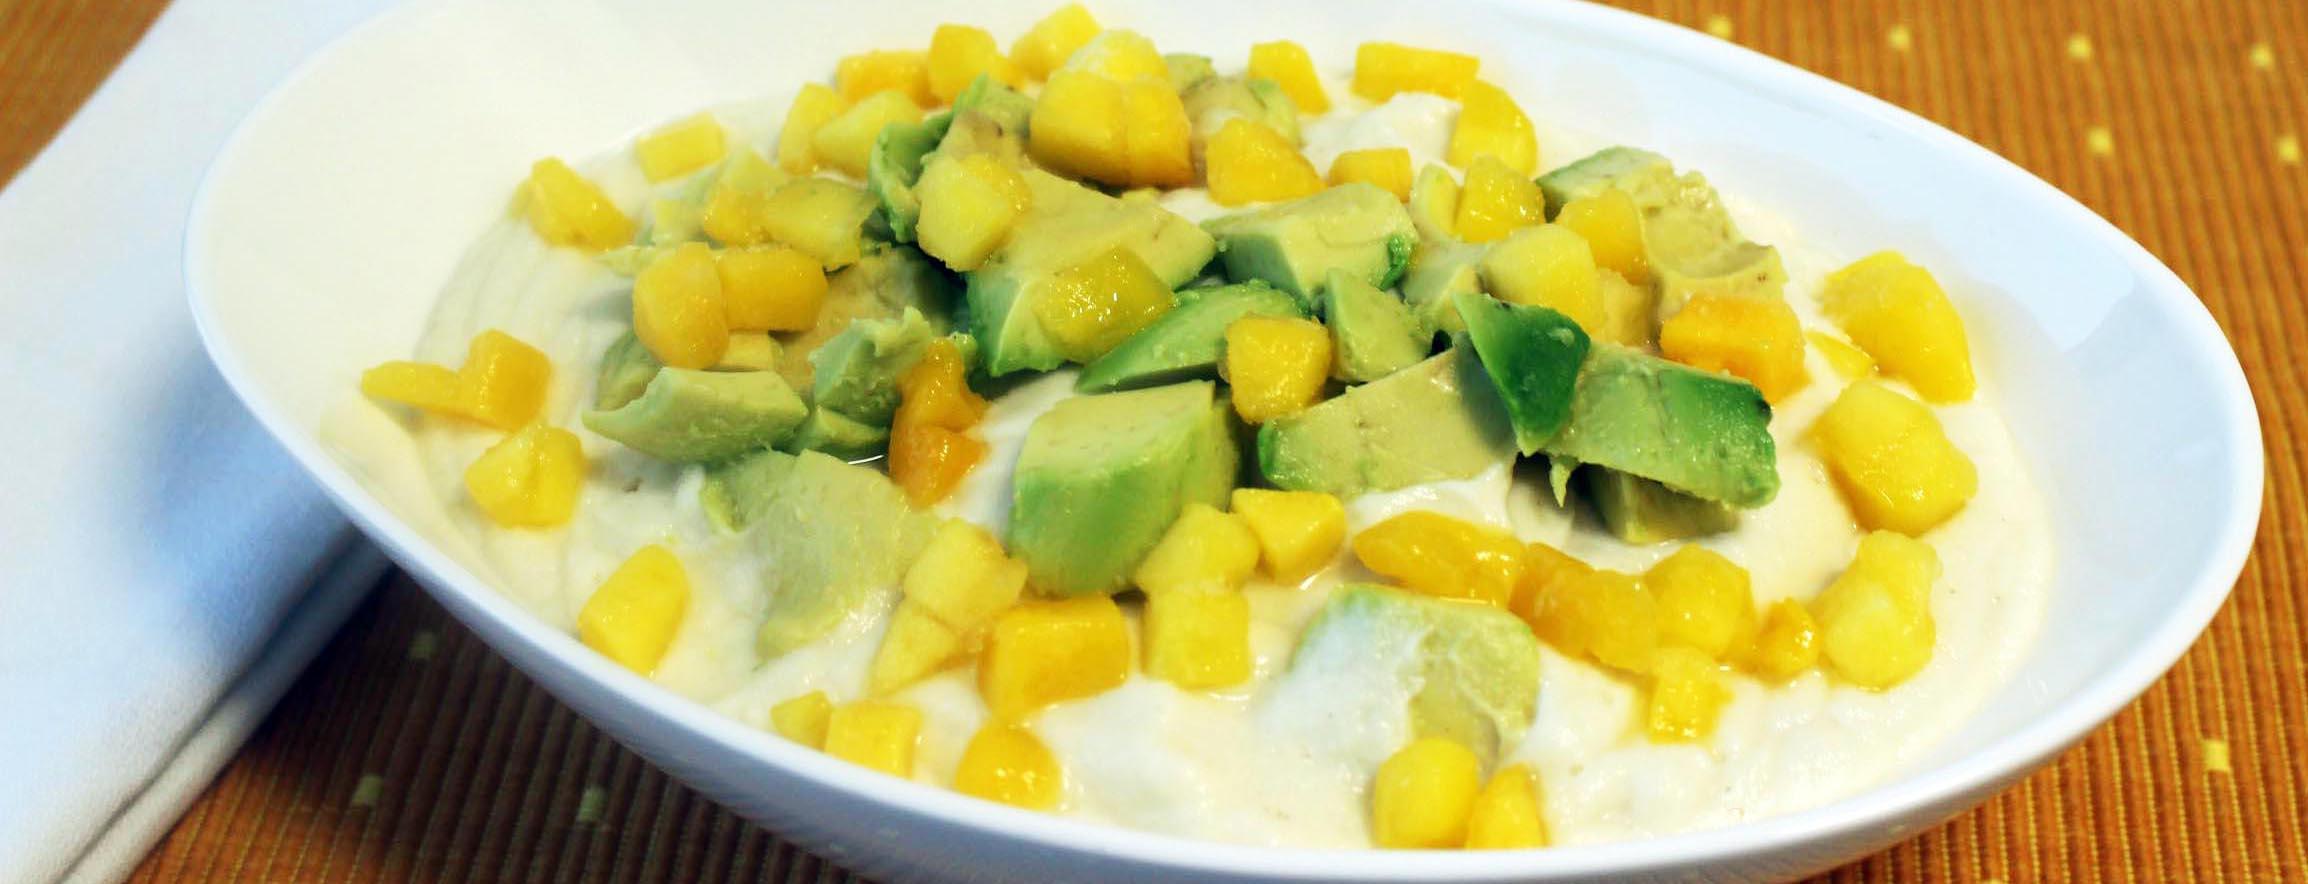 Photo of Mashed Cauliflower Bowl with Mango and Avocado